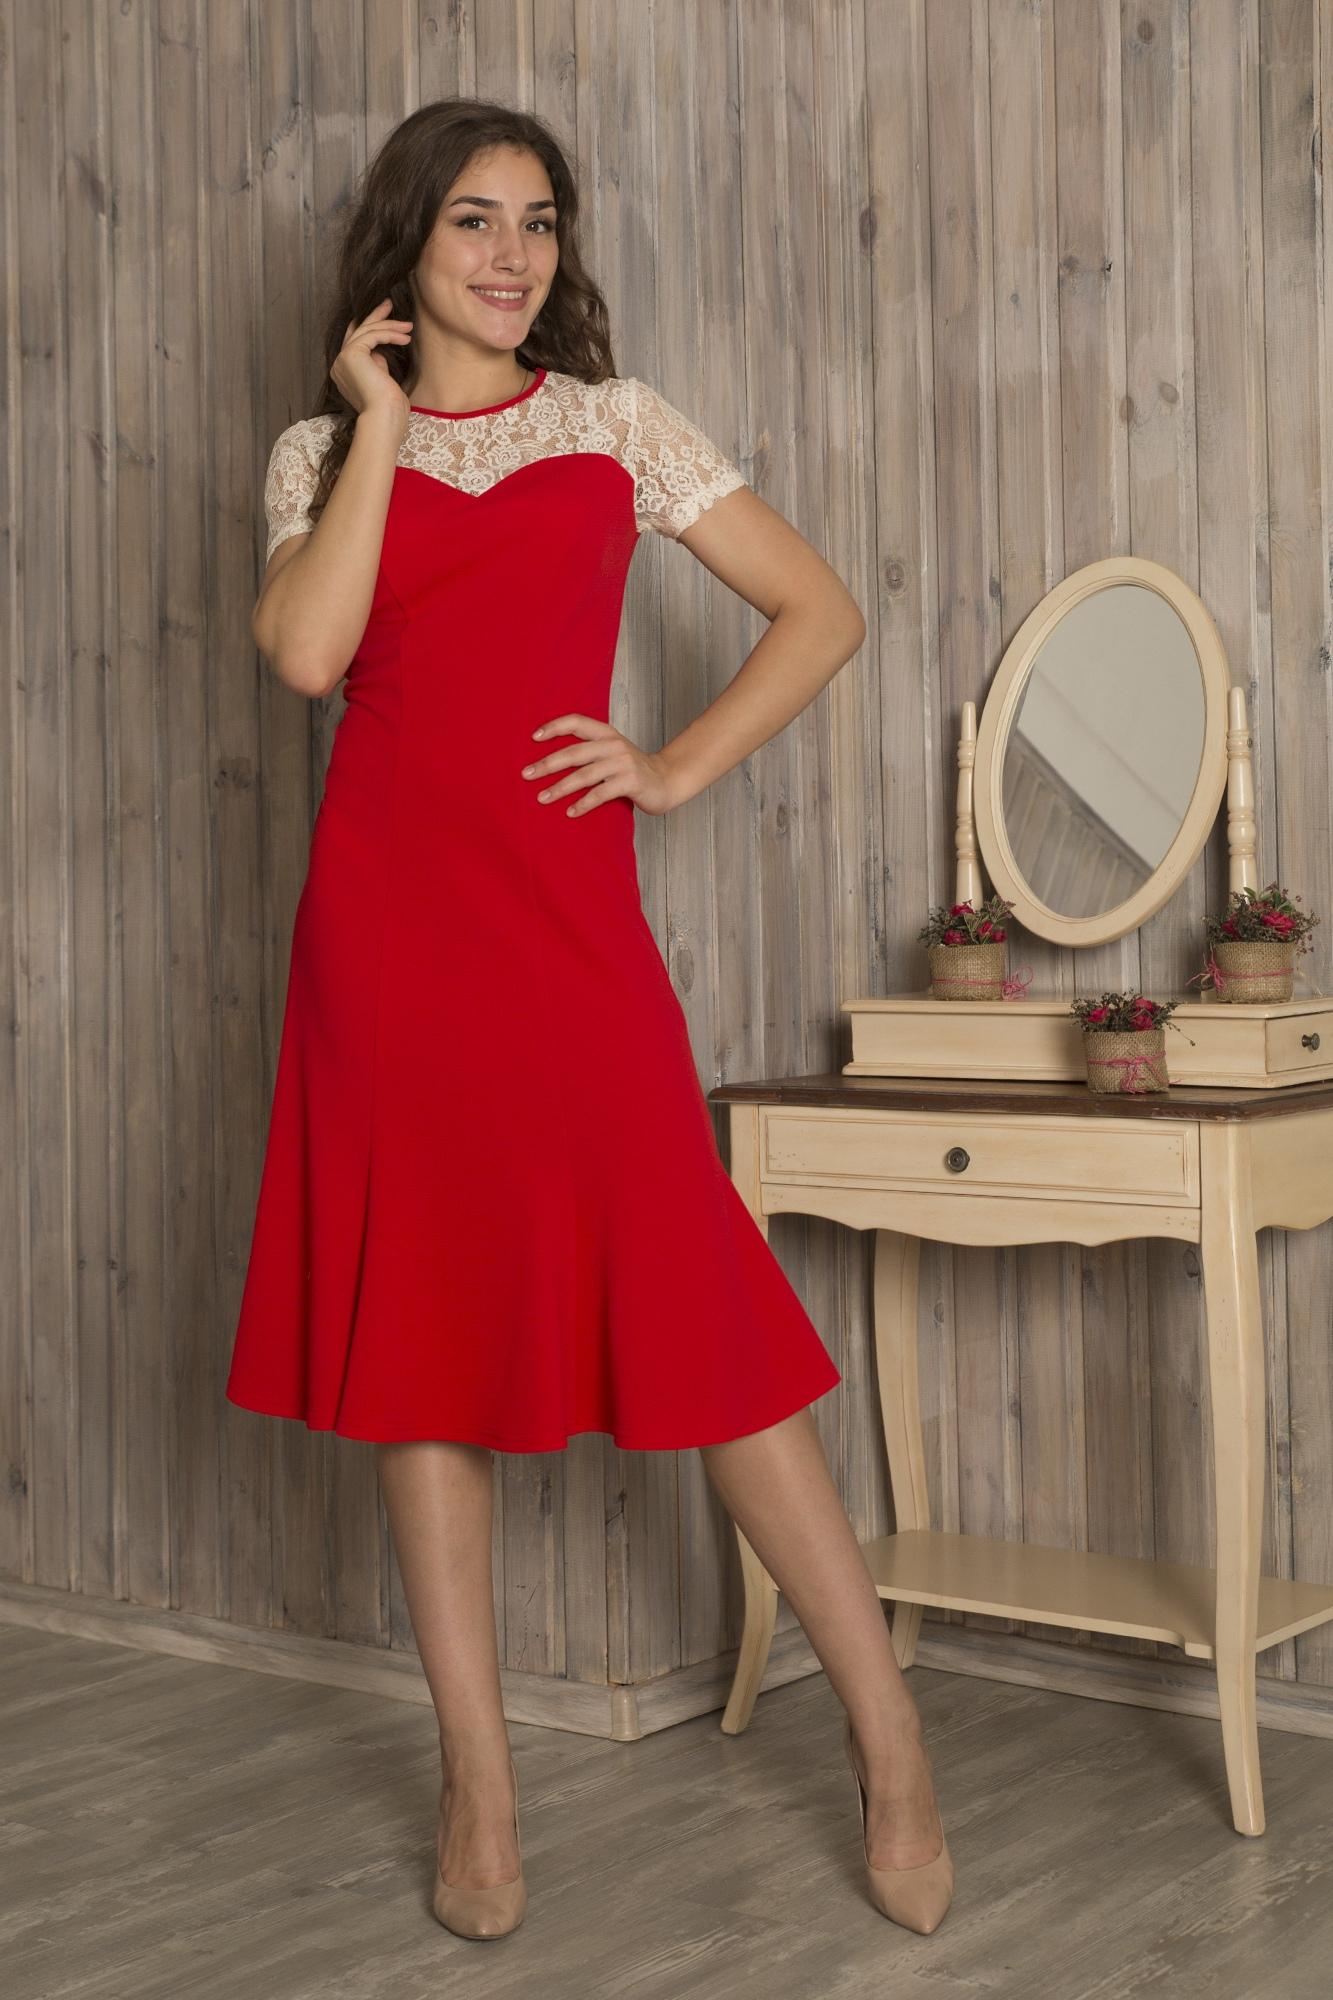 ПлатьеПлатья<br>Яркое красное платье с отделкой из контрастного гипюра. Модель выполнена из приятного материала. Отличный выбор для любого торжества.  Длина по  спинке 44- 112 см 46- 112 см 48- 112 см 50- 112 см 52- 112 см 54- 112 см Длина рукава 44-19 см 46-19 см 48-20 см 50-20 см 52-21 см 54-21 см  В изделии использованы цвета: красный, молочный  Ростовка изделия 170 см.<br><br>Горловина: С- горловина<br>По длине: Ниже колена<br>По материалу: Гипюр,Трикотаж<br>По сезону: Весна,Осень,Зима,Лето,Всесезон<br>По силуэту: Приталенные<br>По стилю: Нарядный стиль,Повседневный стиль<br>По рисунку: Цветные<br>Рукав: Короткий рукав<br>По форме: Платье - годе<br>Размер : 44,46,48,50<br>Материал: Трикотаж + Гипюр<br>Количество в наличии: 4